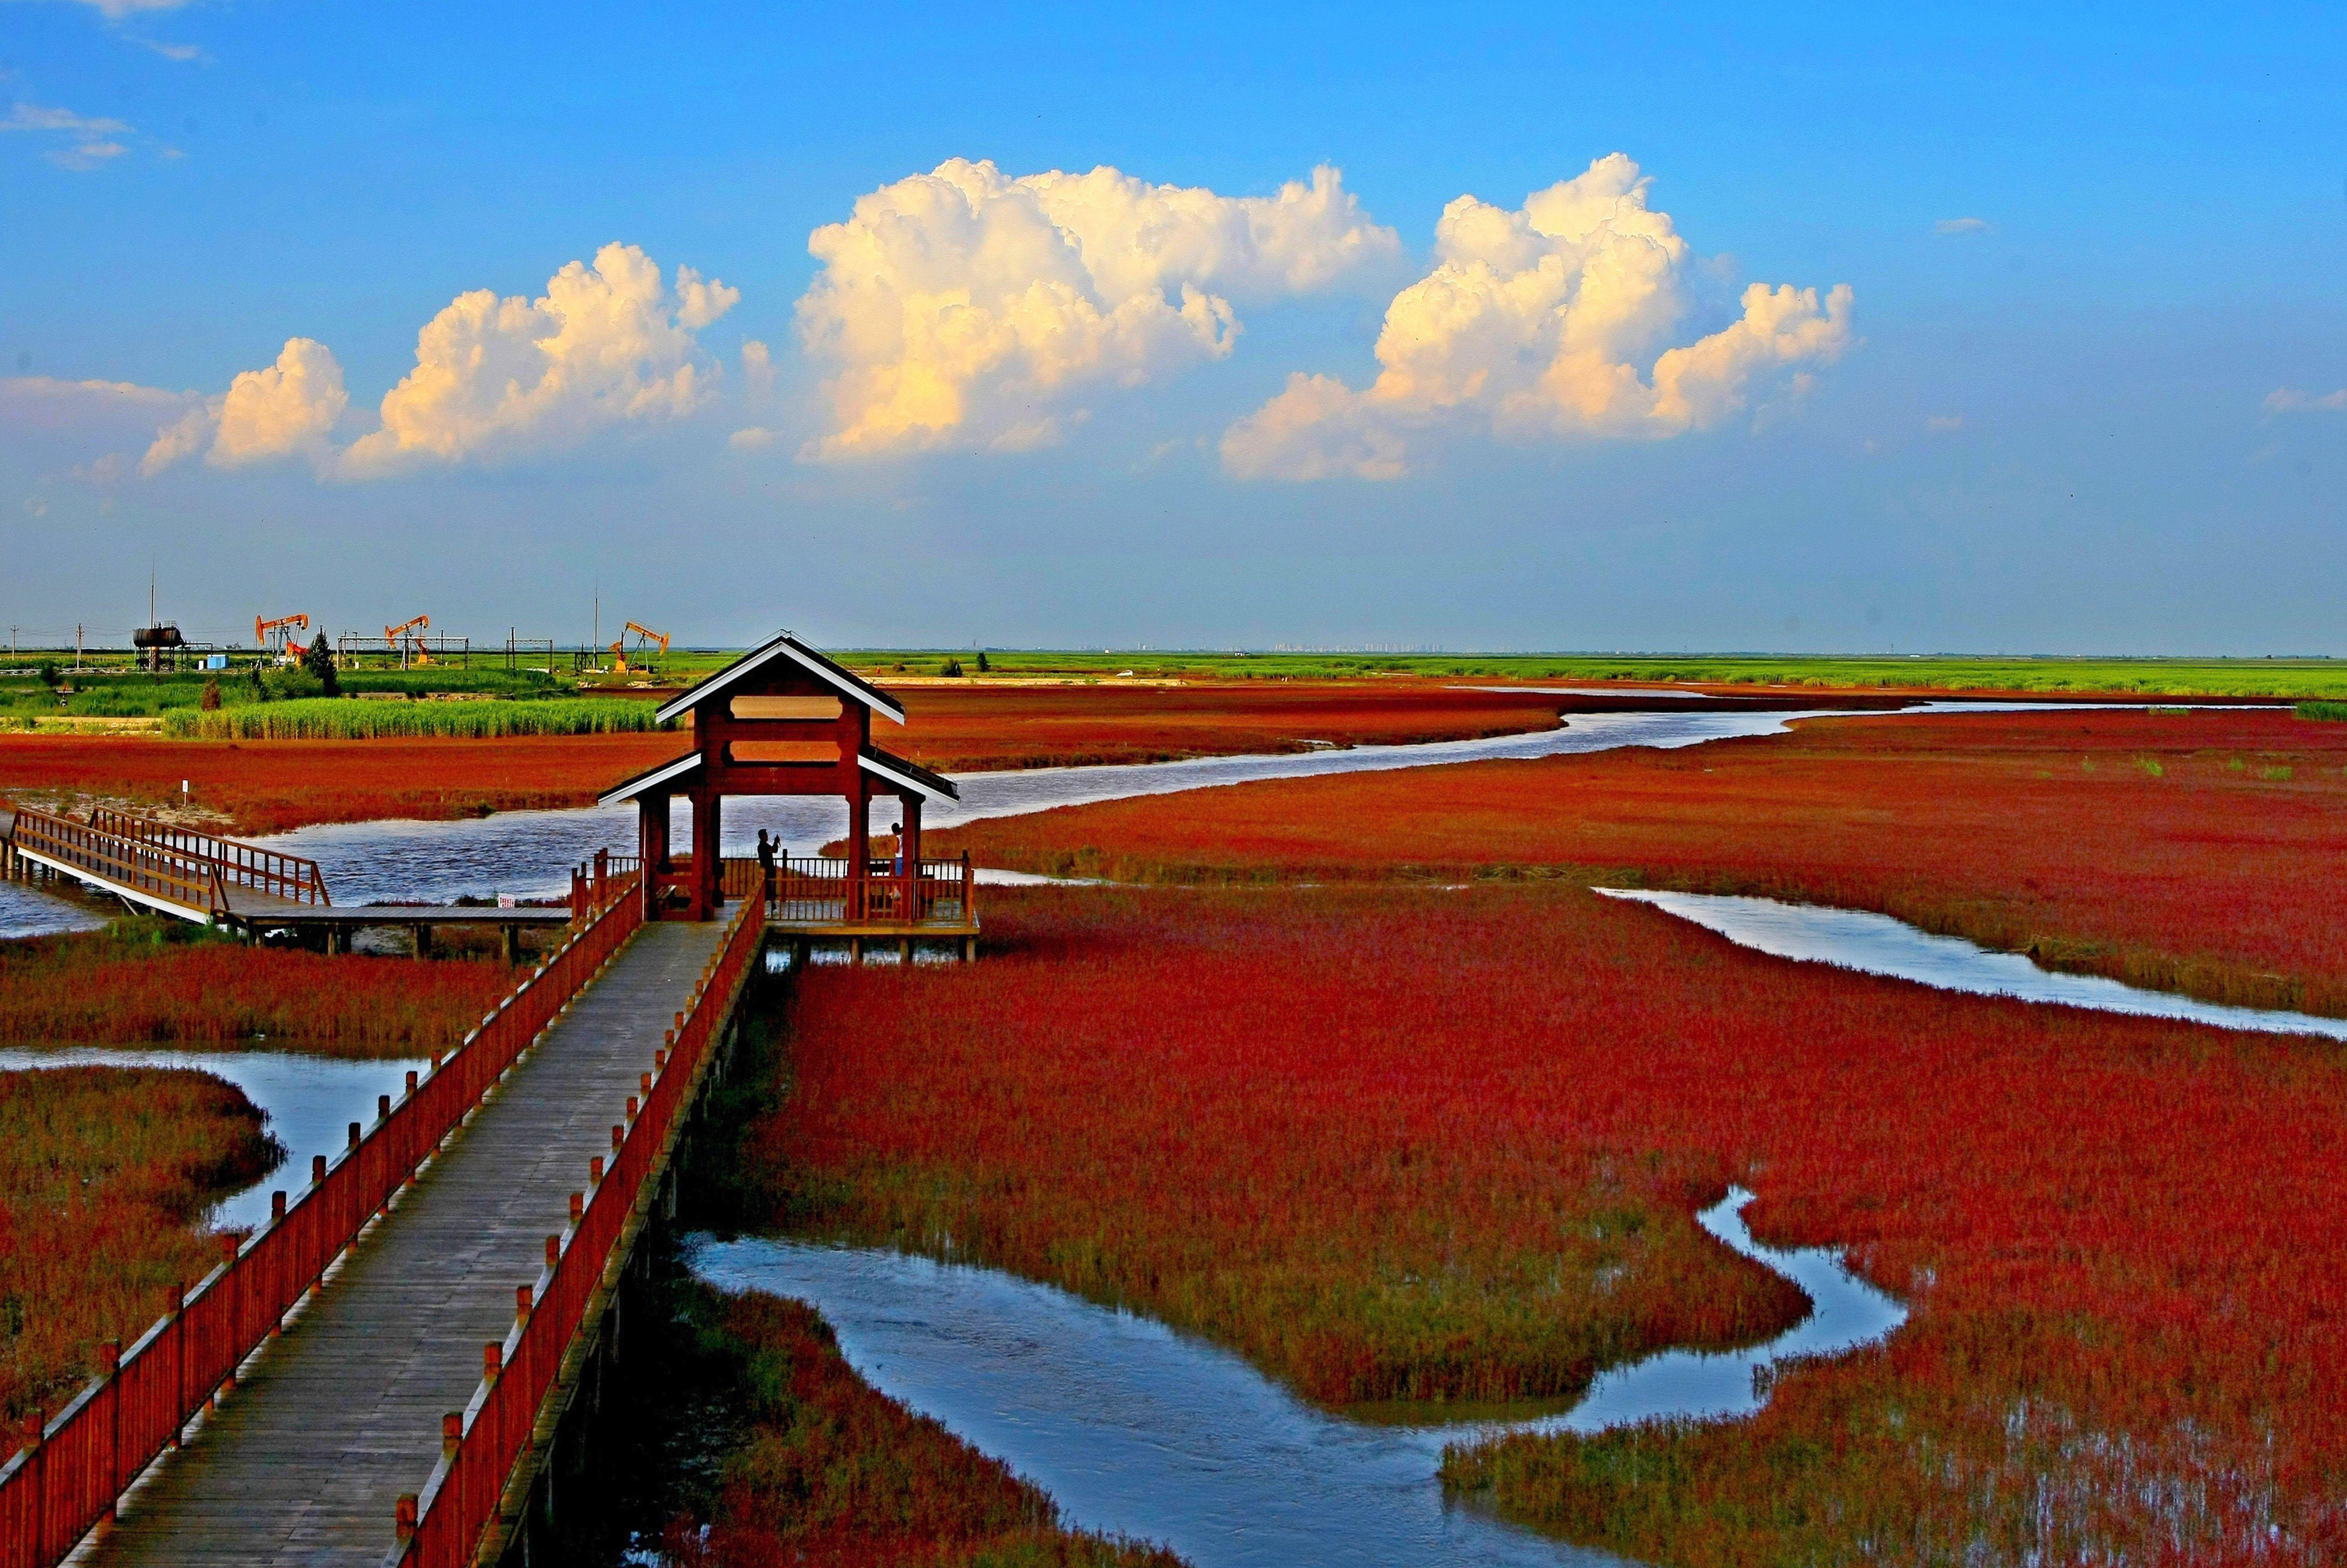 Red bush seashore, Panjing, Liaoning Province, China - Nov 2014